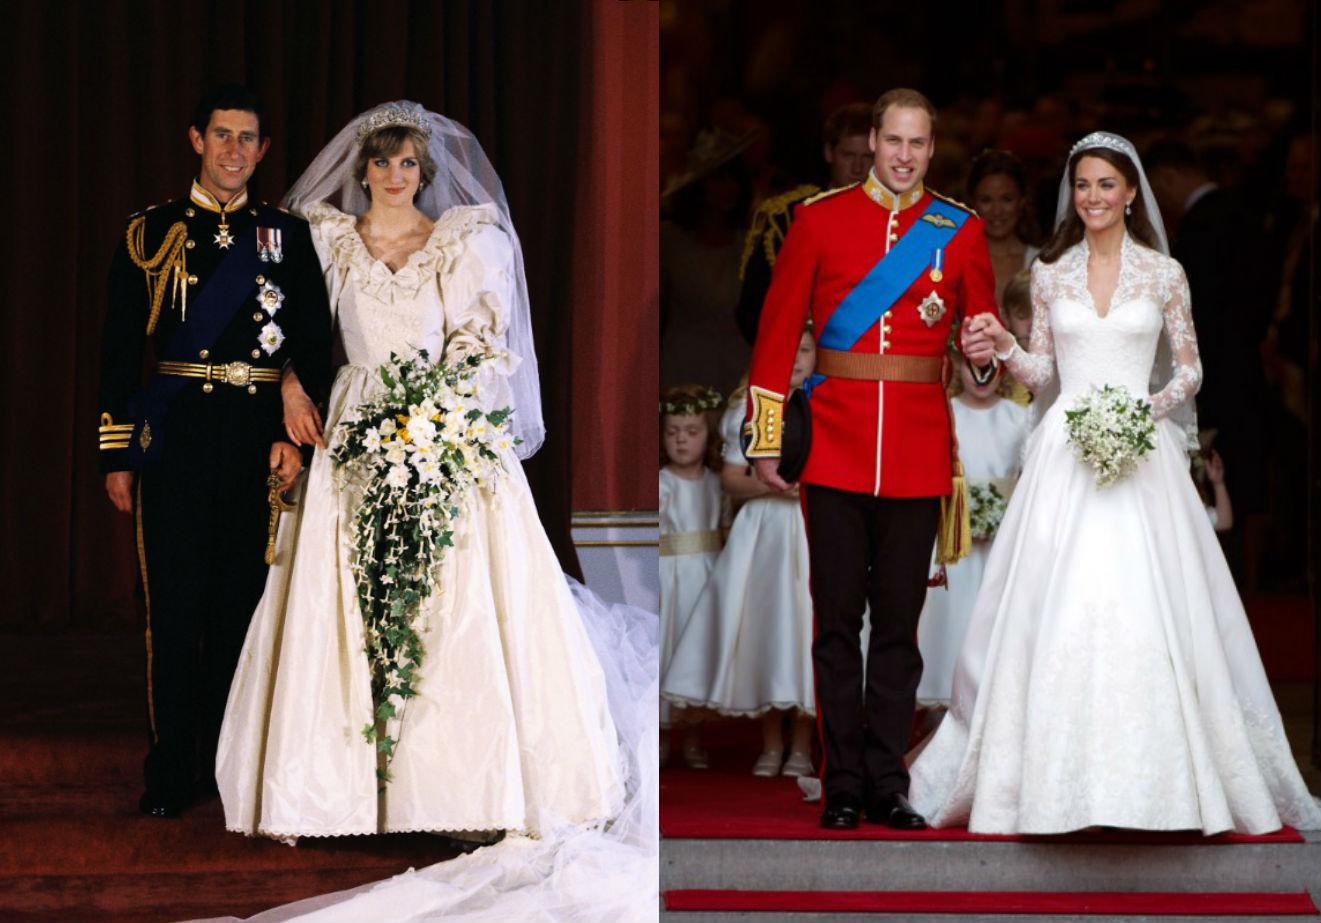 lady di e principe charles x kate middleton e principe william os detalhes dos casamentos reais claudia lady di e principe charles x kate